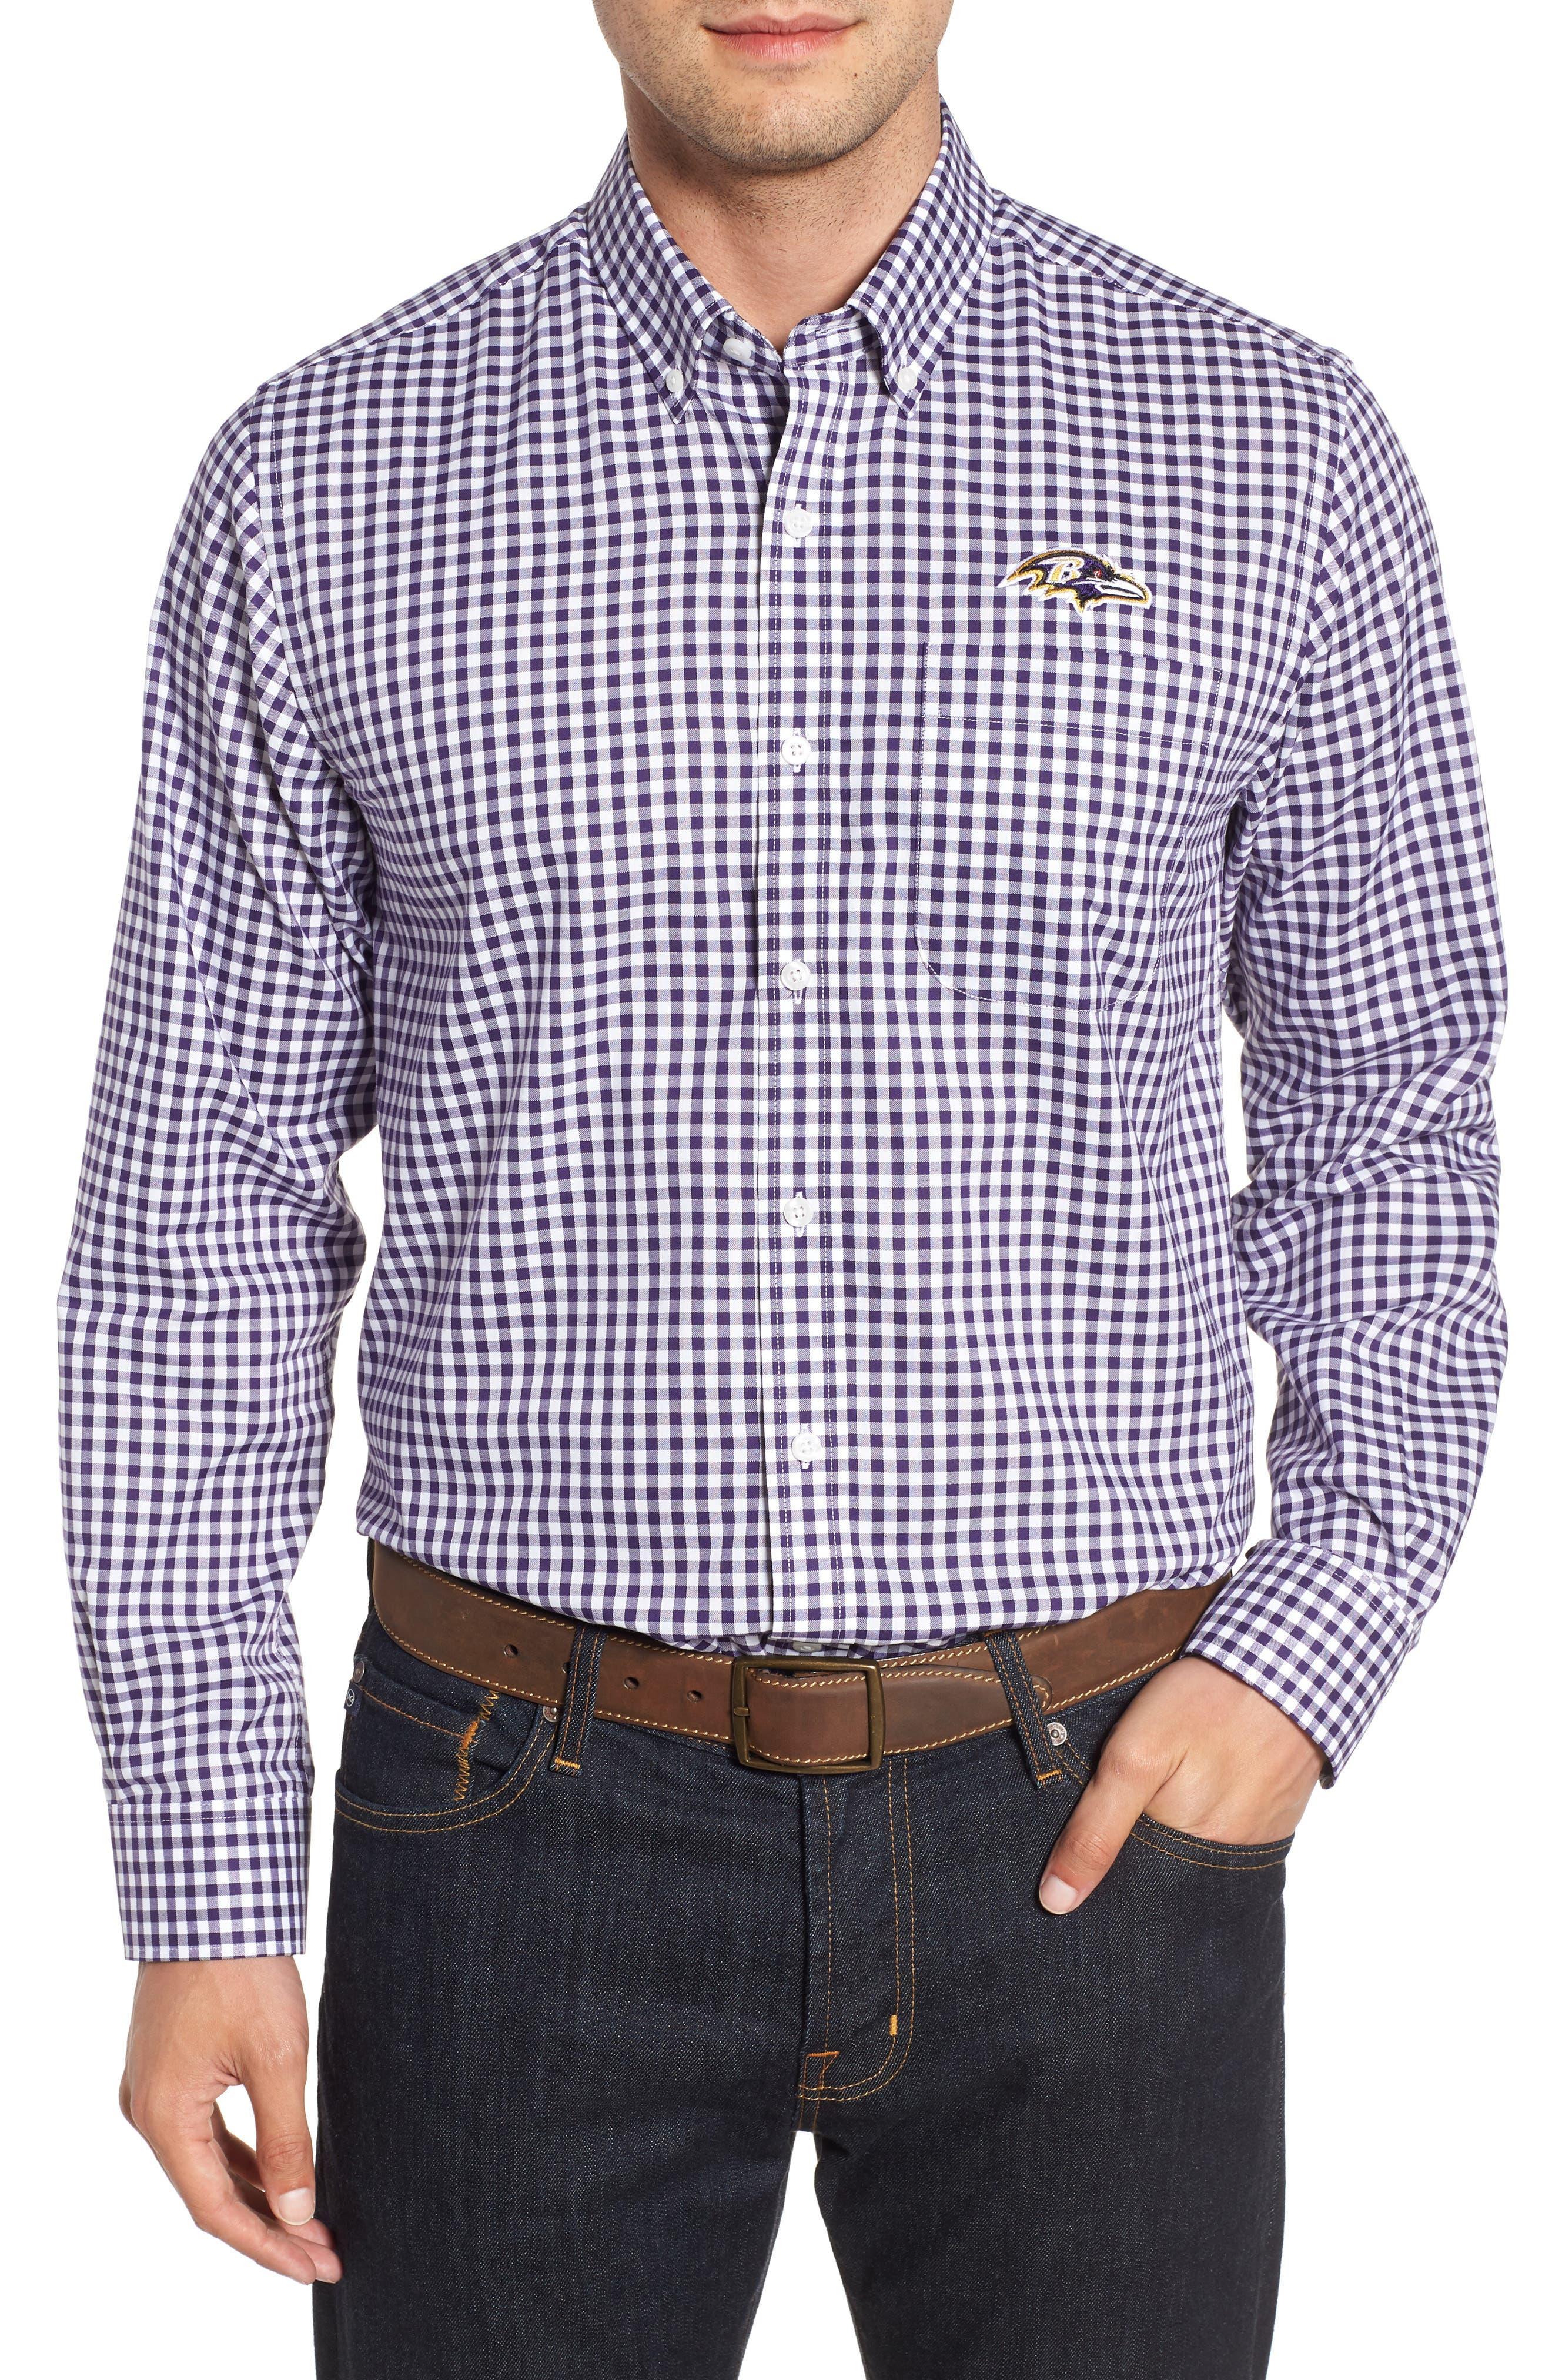 League Baltimore Ravens Regular Fit Shirt,                         Main,                         color, COLLEGE PURPLE